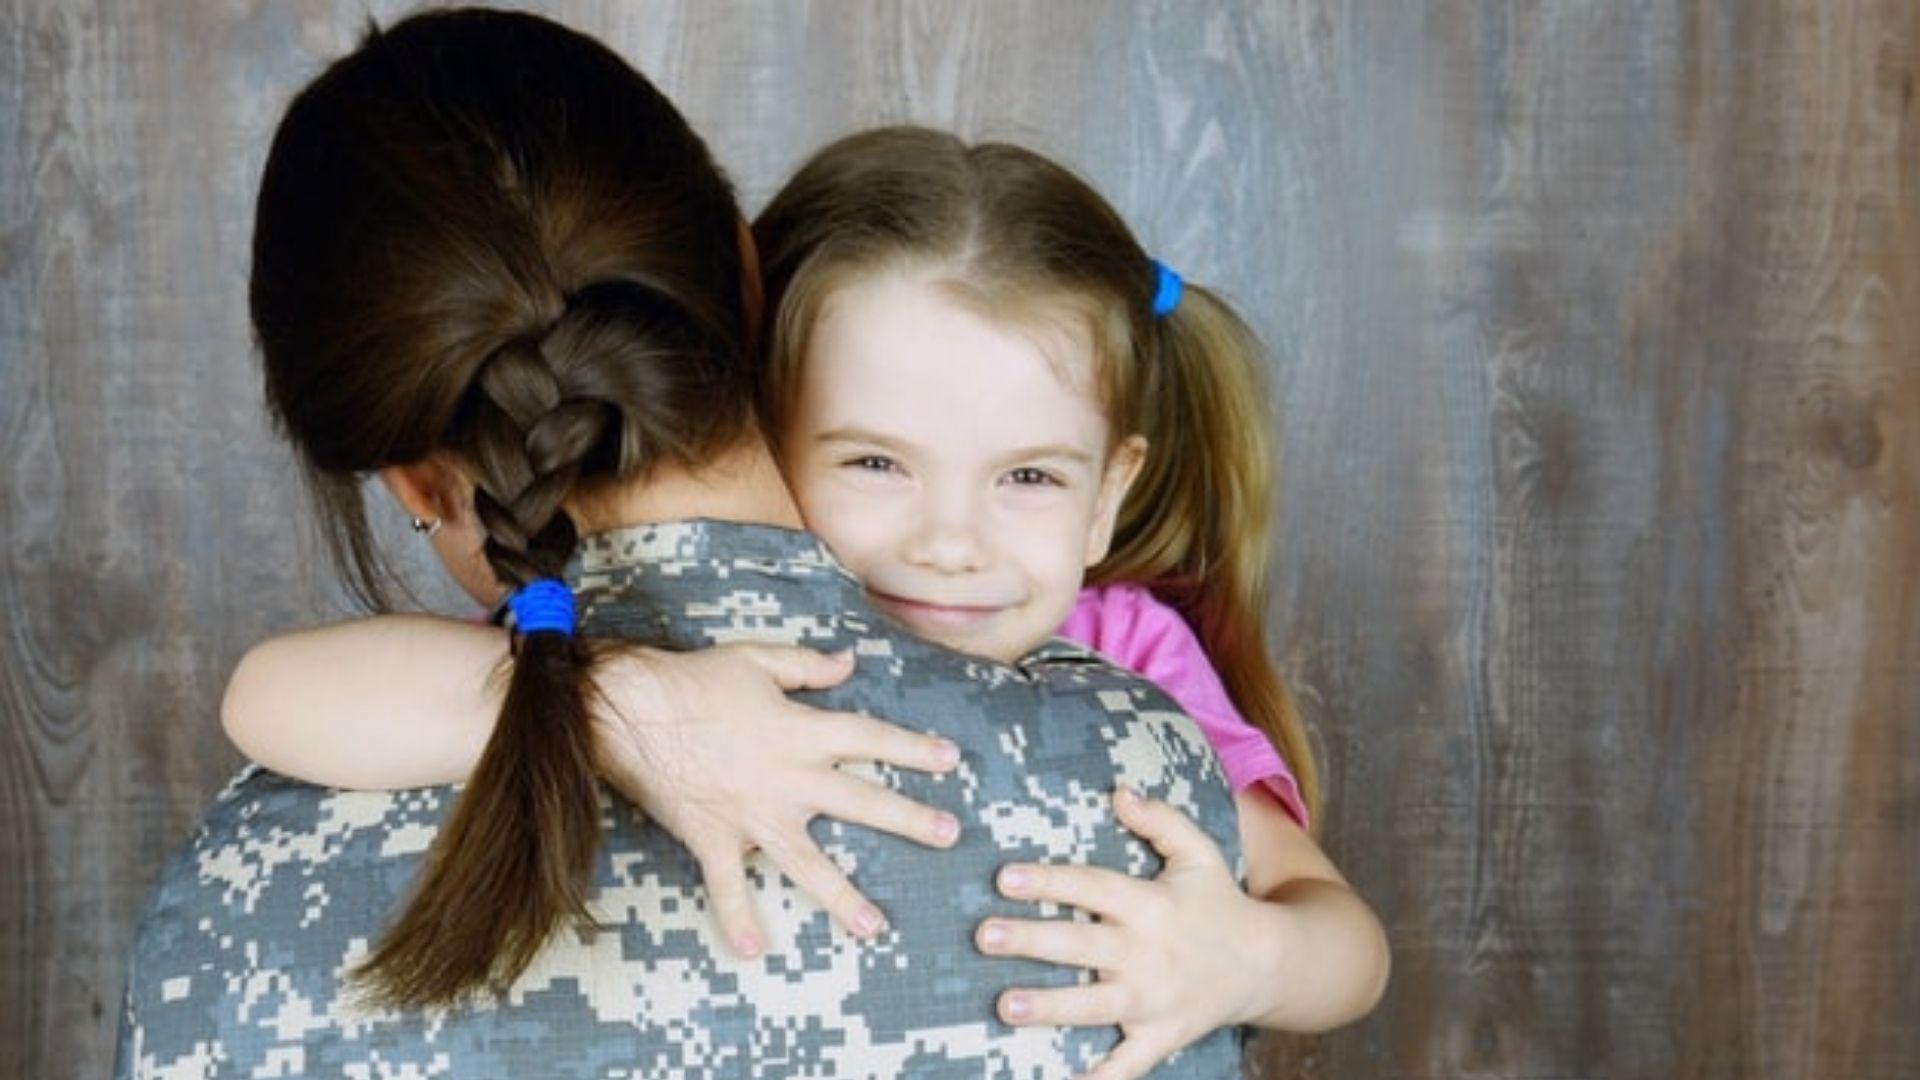 Psychologe: Bei Fragen von Adoptivkindern sehr offen antworten (Archiv)